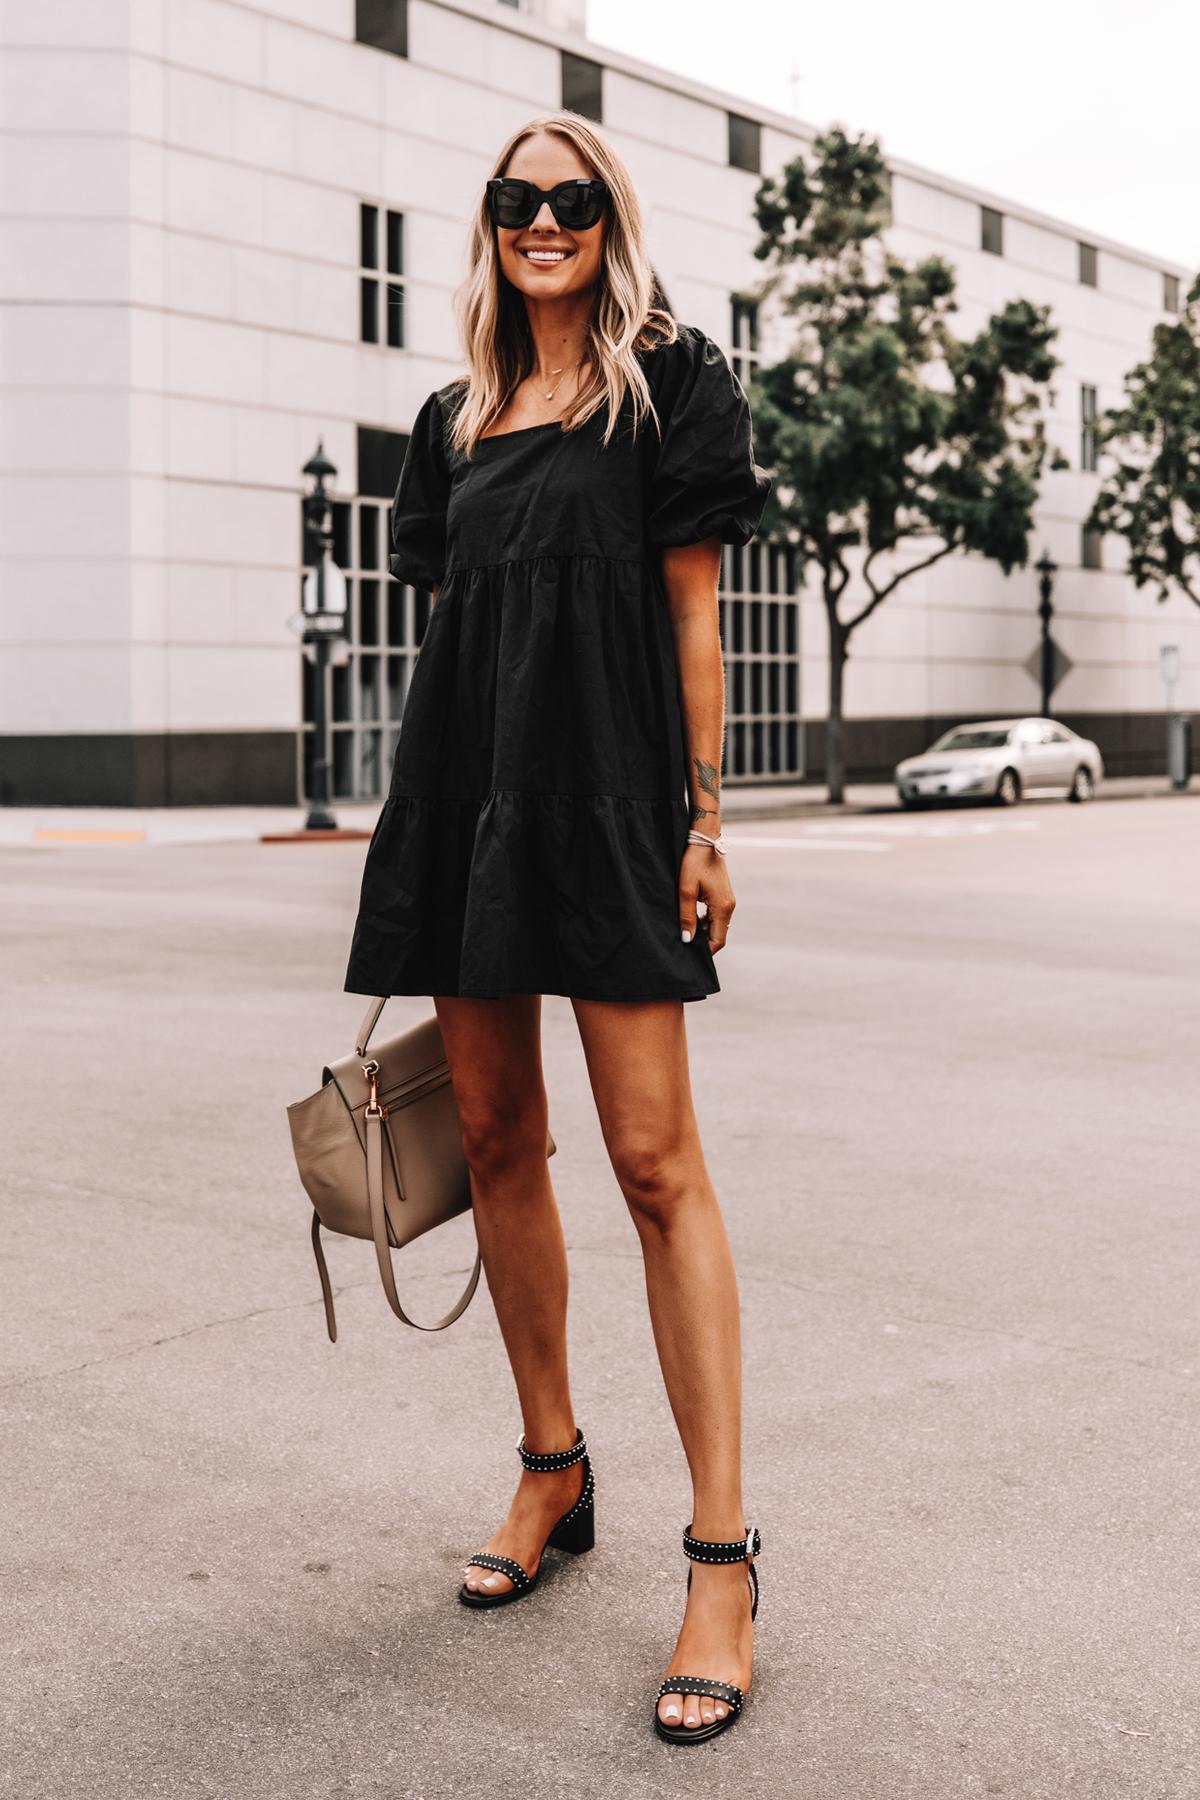 Fashion Jackson Wearing Black Ruffle Dress Givenchy Elegant 60 studded leather sandals Black 4